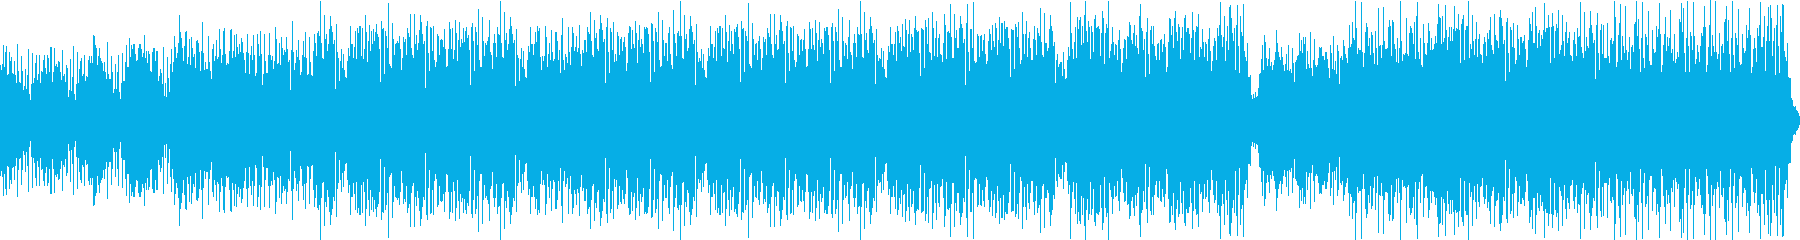 テクノエレクトロニカは4/4時間で...の再生済みの波形